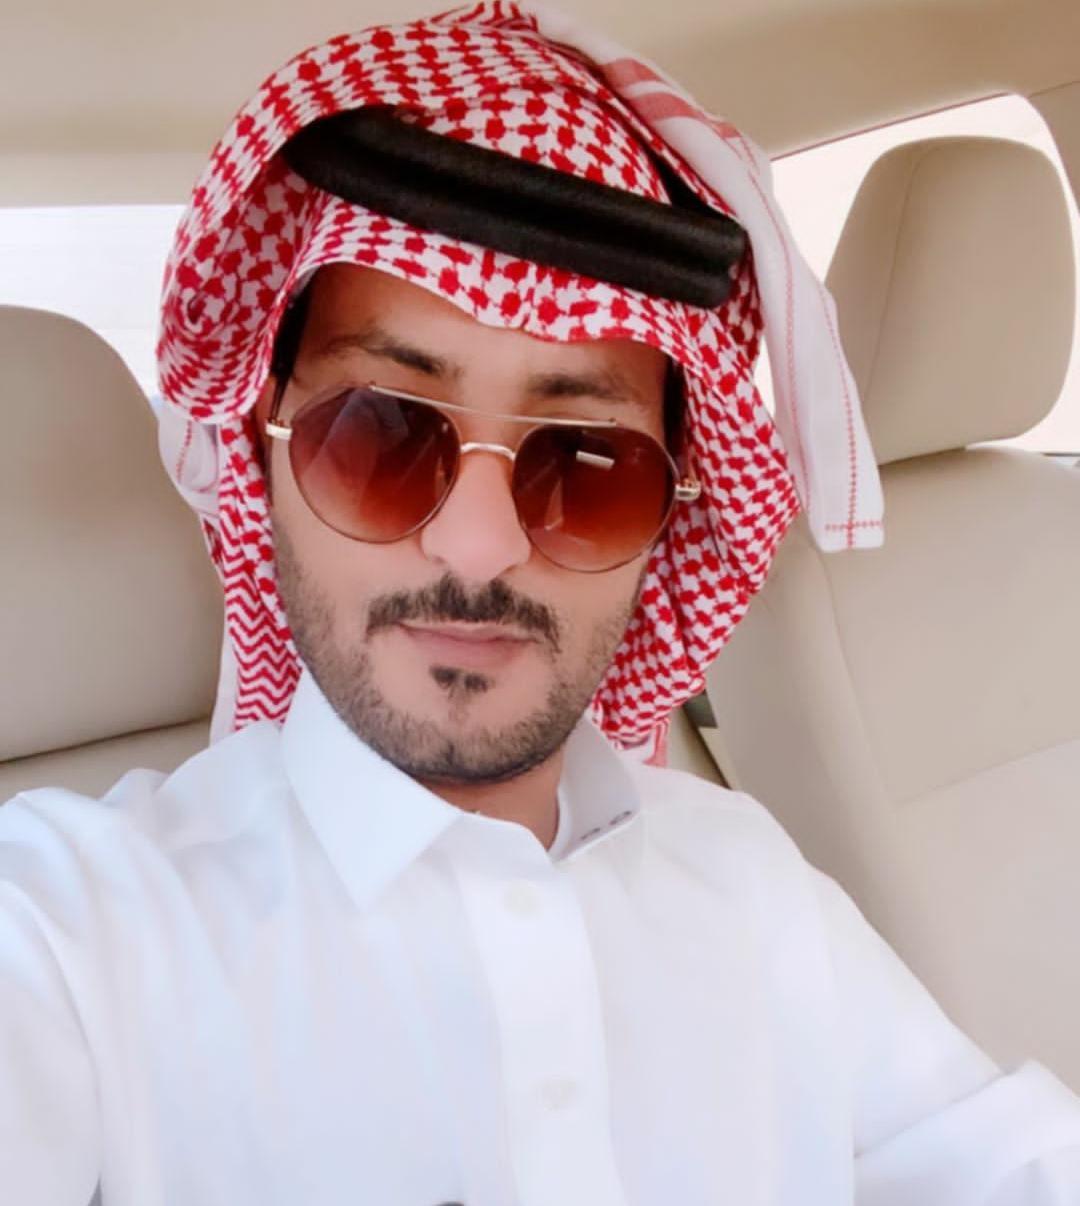 دعمكم || موقع بيع وزيادة متابعين الآول عربيا وعالميا